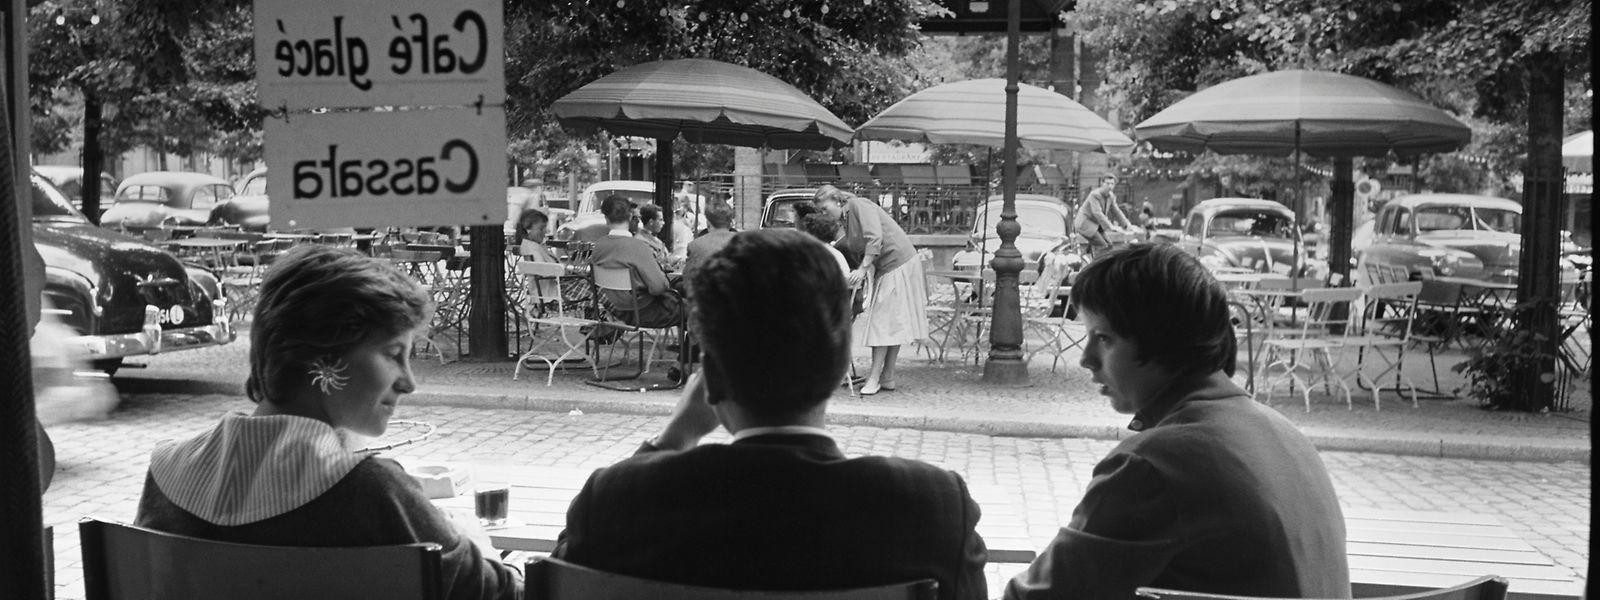 Anfang der 1960er-Jahre nutzten Autofahrer die Place d'Armes noch zum Parken.